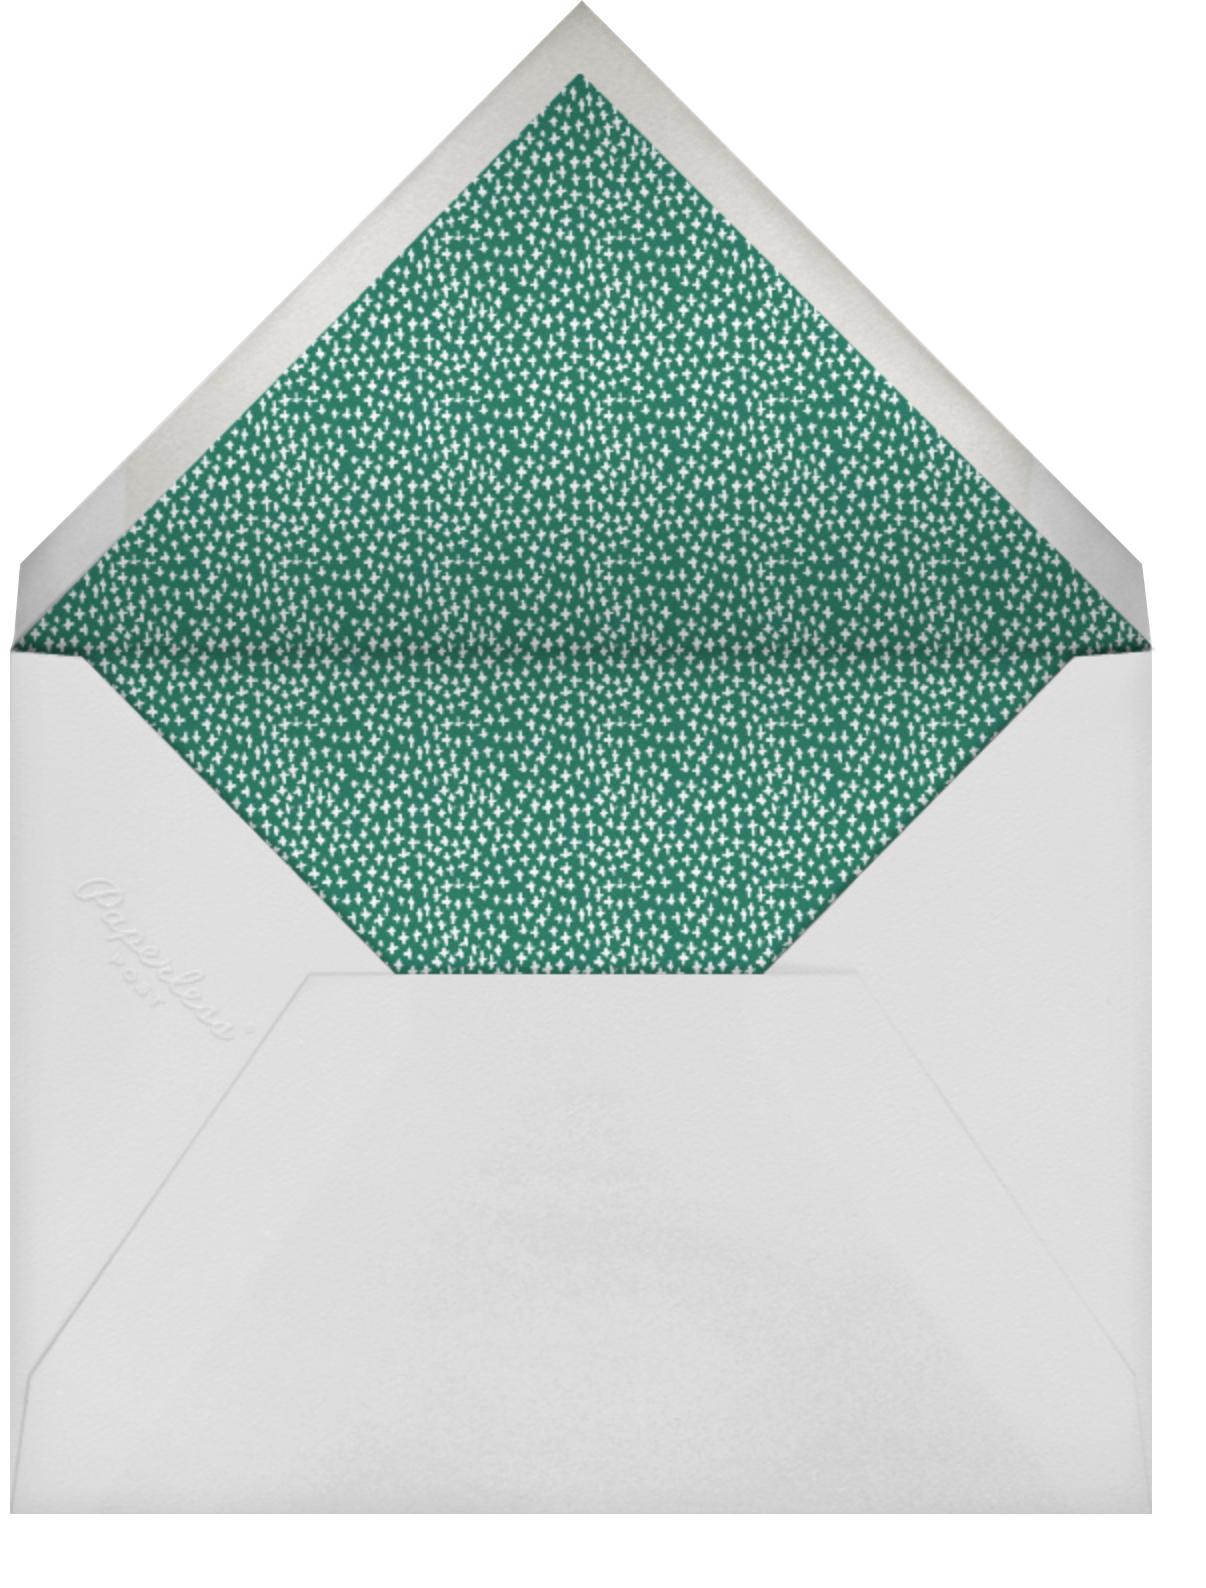 Mistletoe Bundles - Mr. Boddington's Studio - Envelope